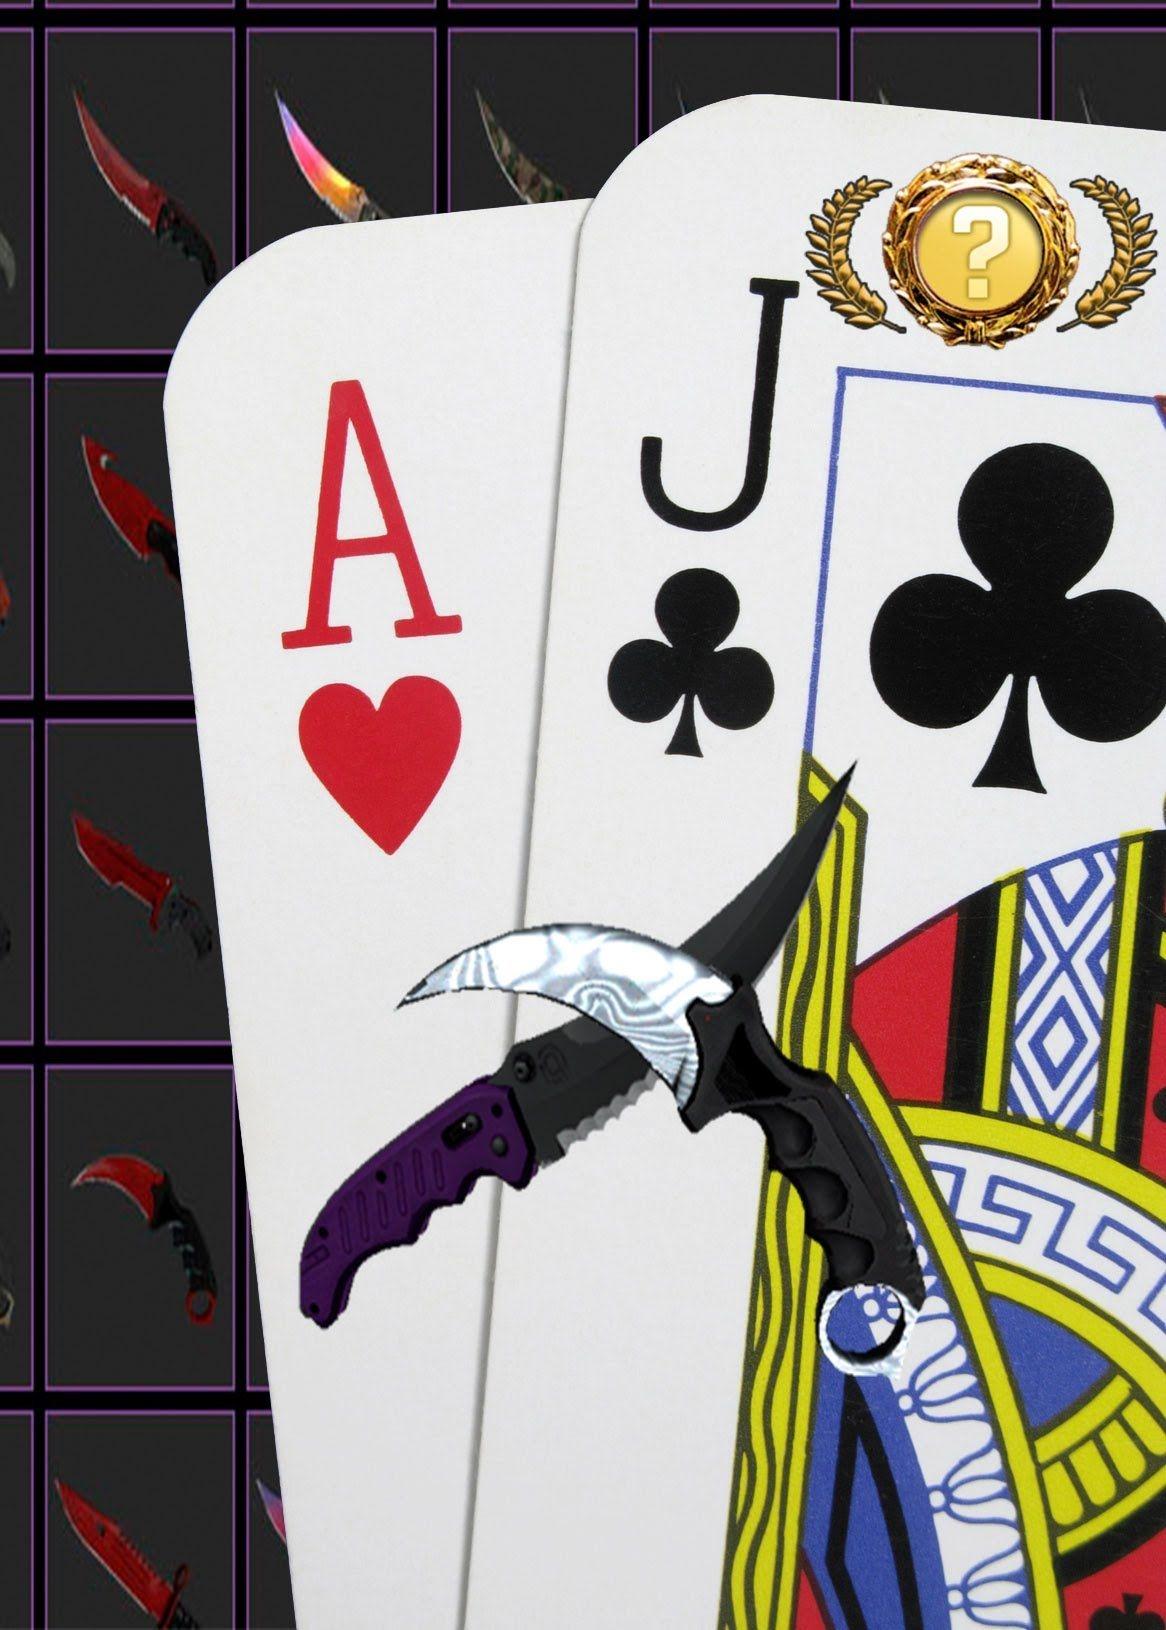 £ 4155 SANS DÉPÔT BONUS chez Party Casino